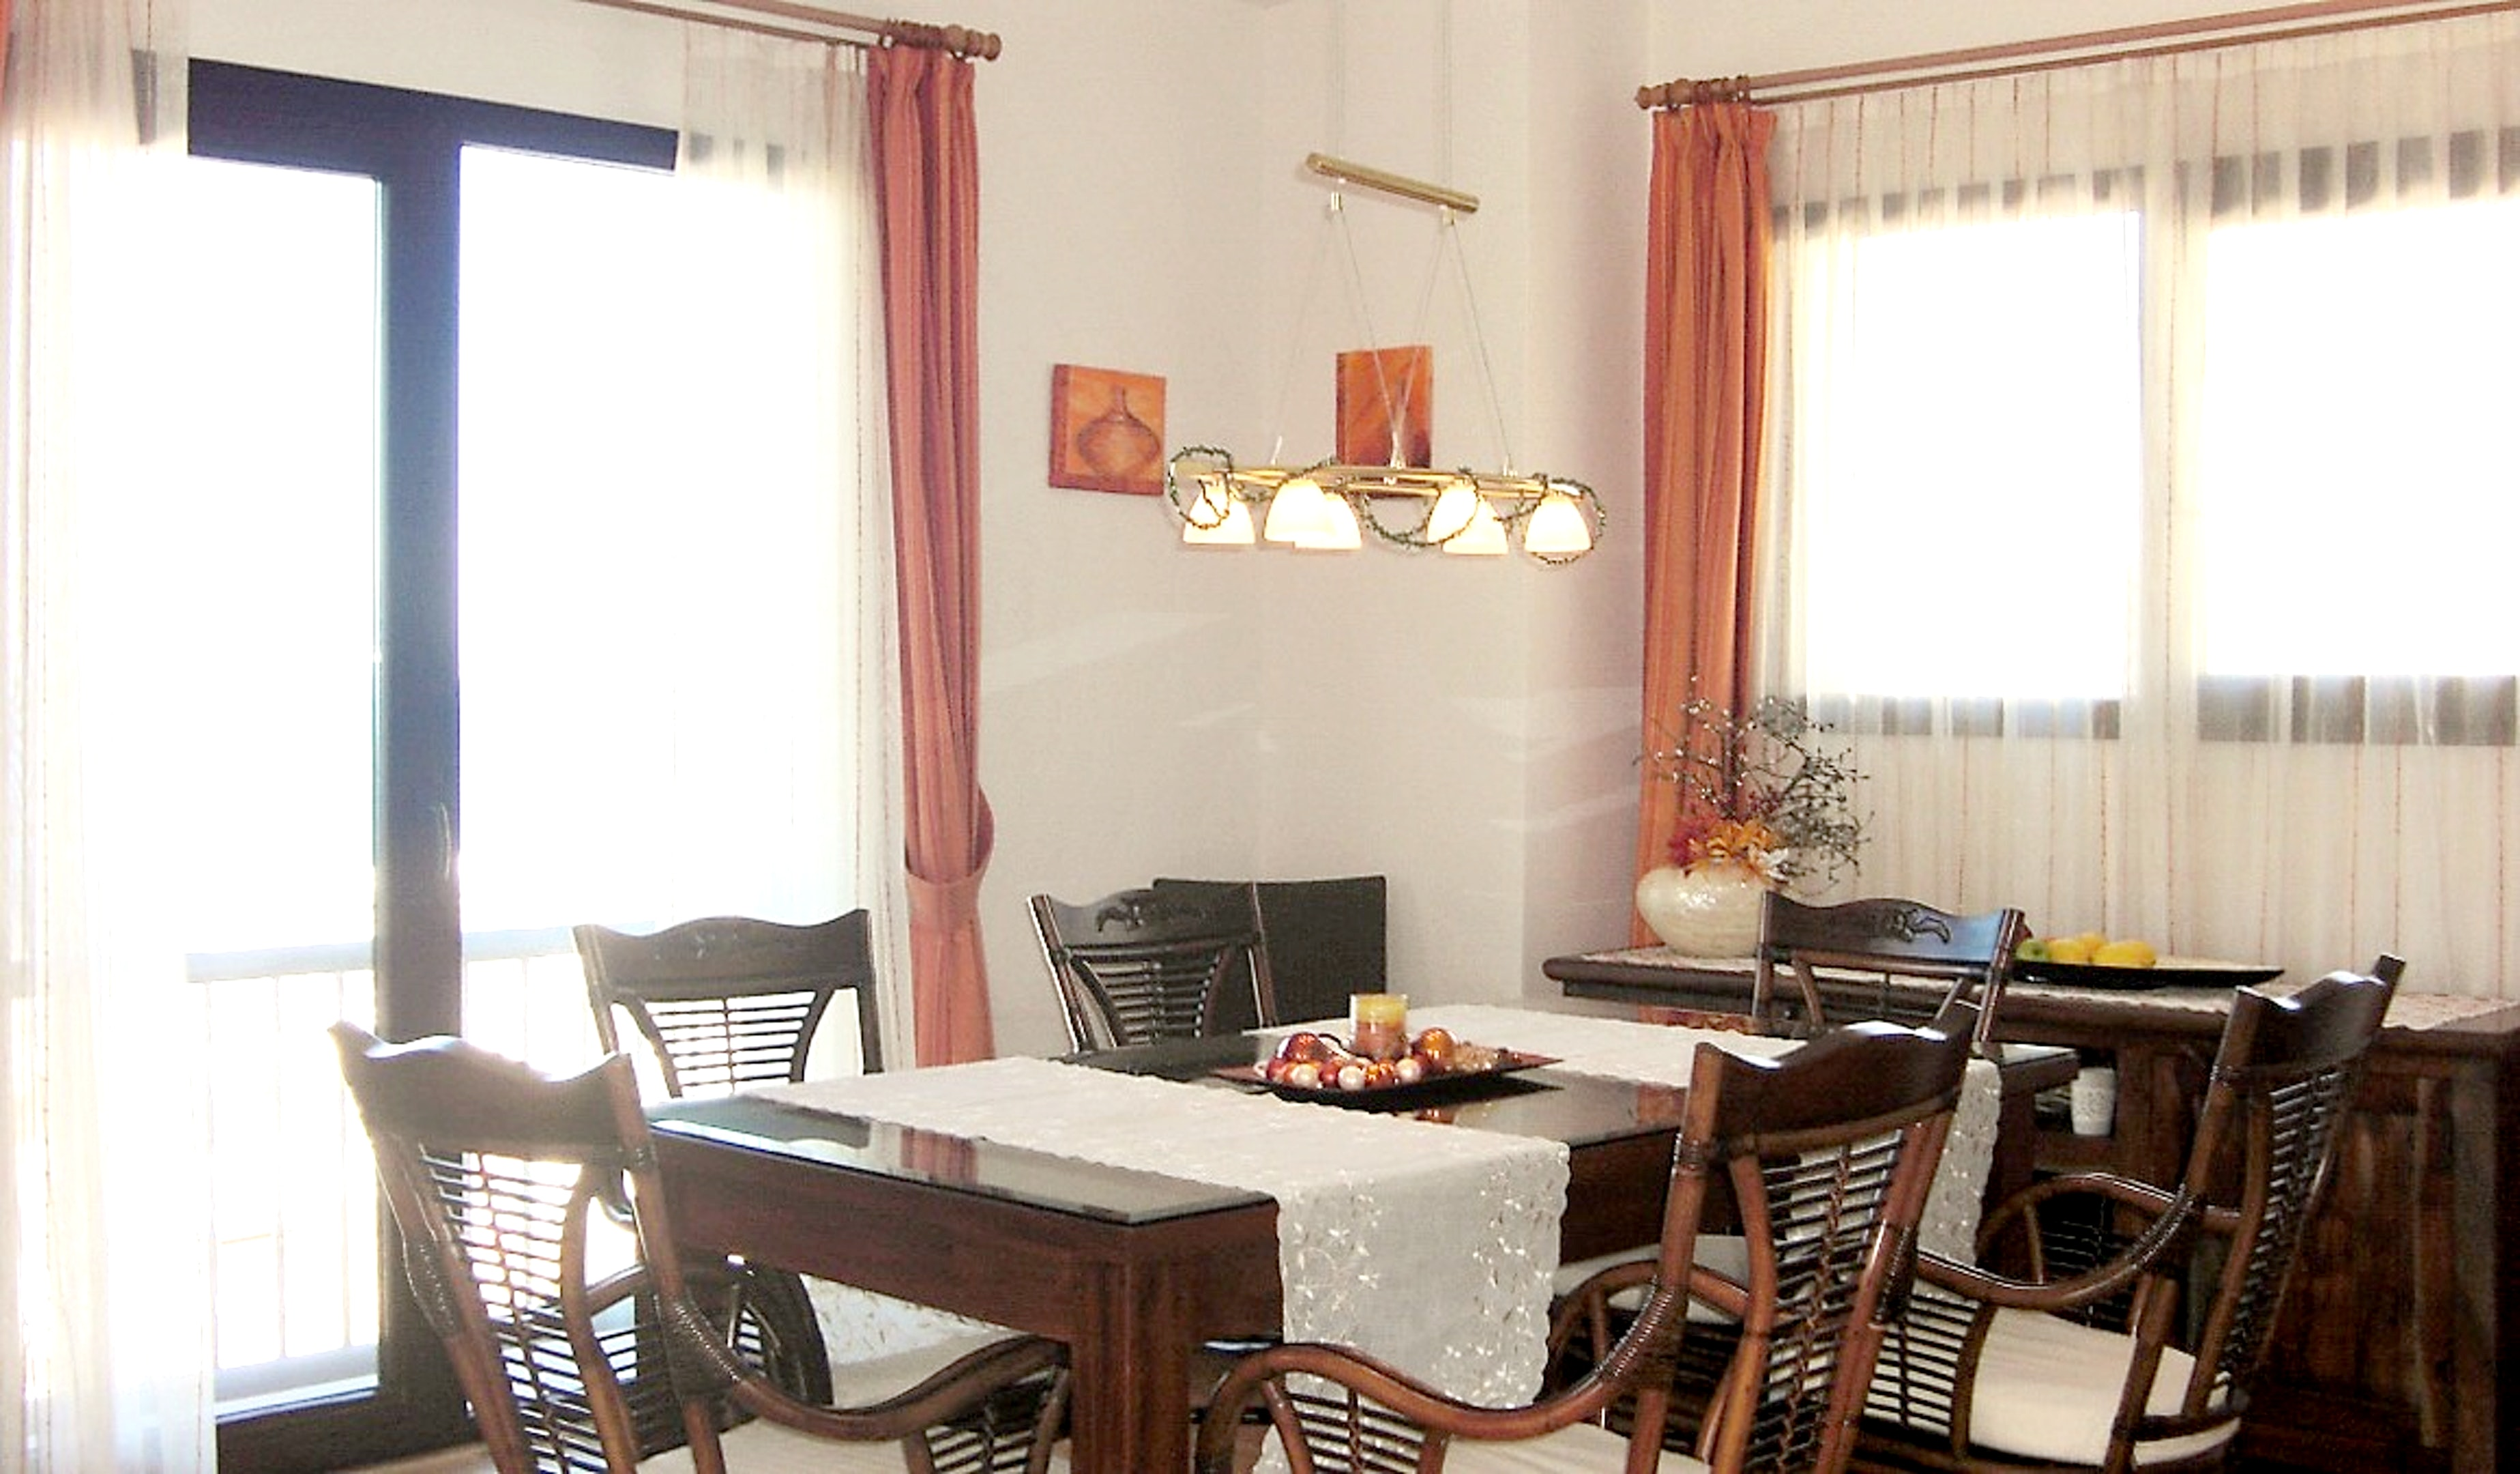 Ferienhaus Villa mit 3 Schlafzimmern in Turgutreis,Bodrum mit herrlichem Meerblick, Pool, eingezäunte (2202326), Turgutreis, , Ägäisregion, Türkei, Bild 13